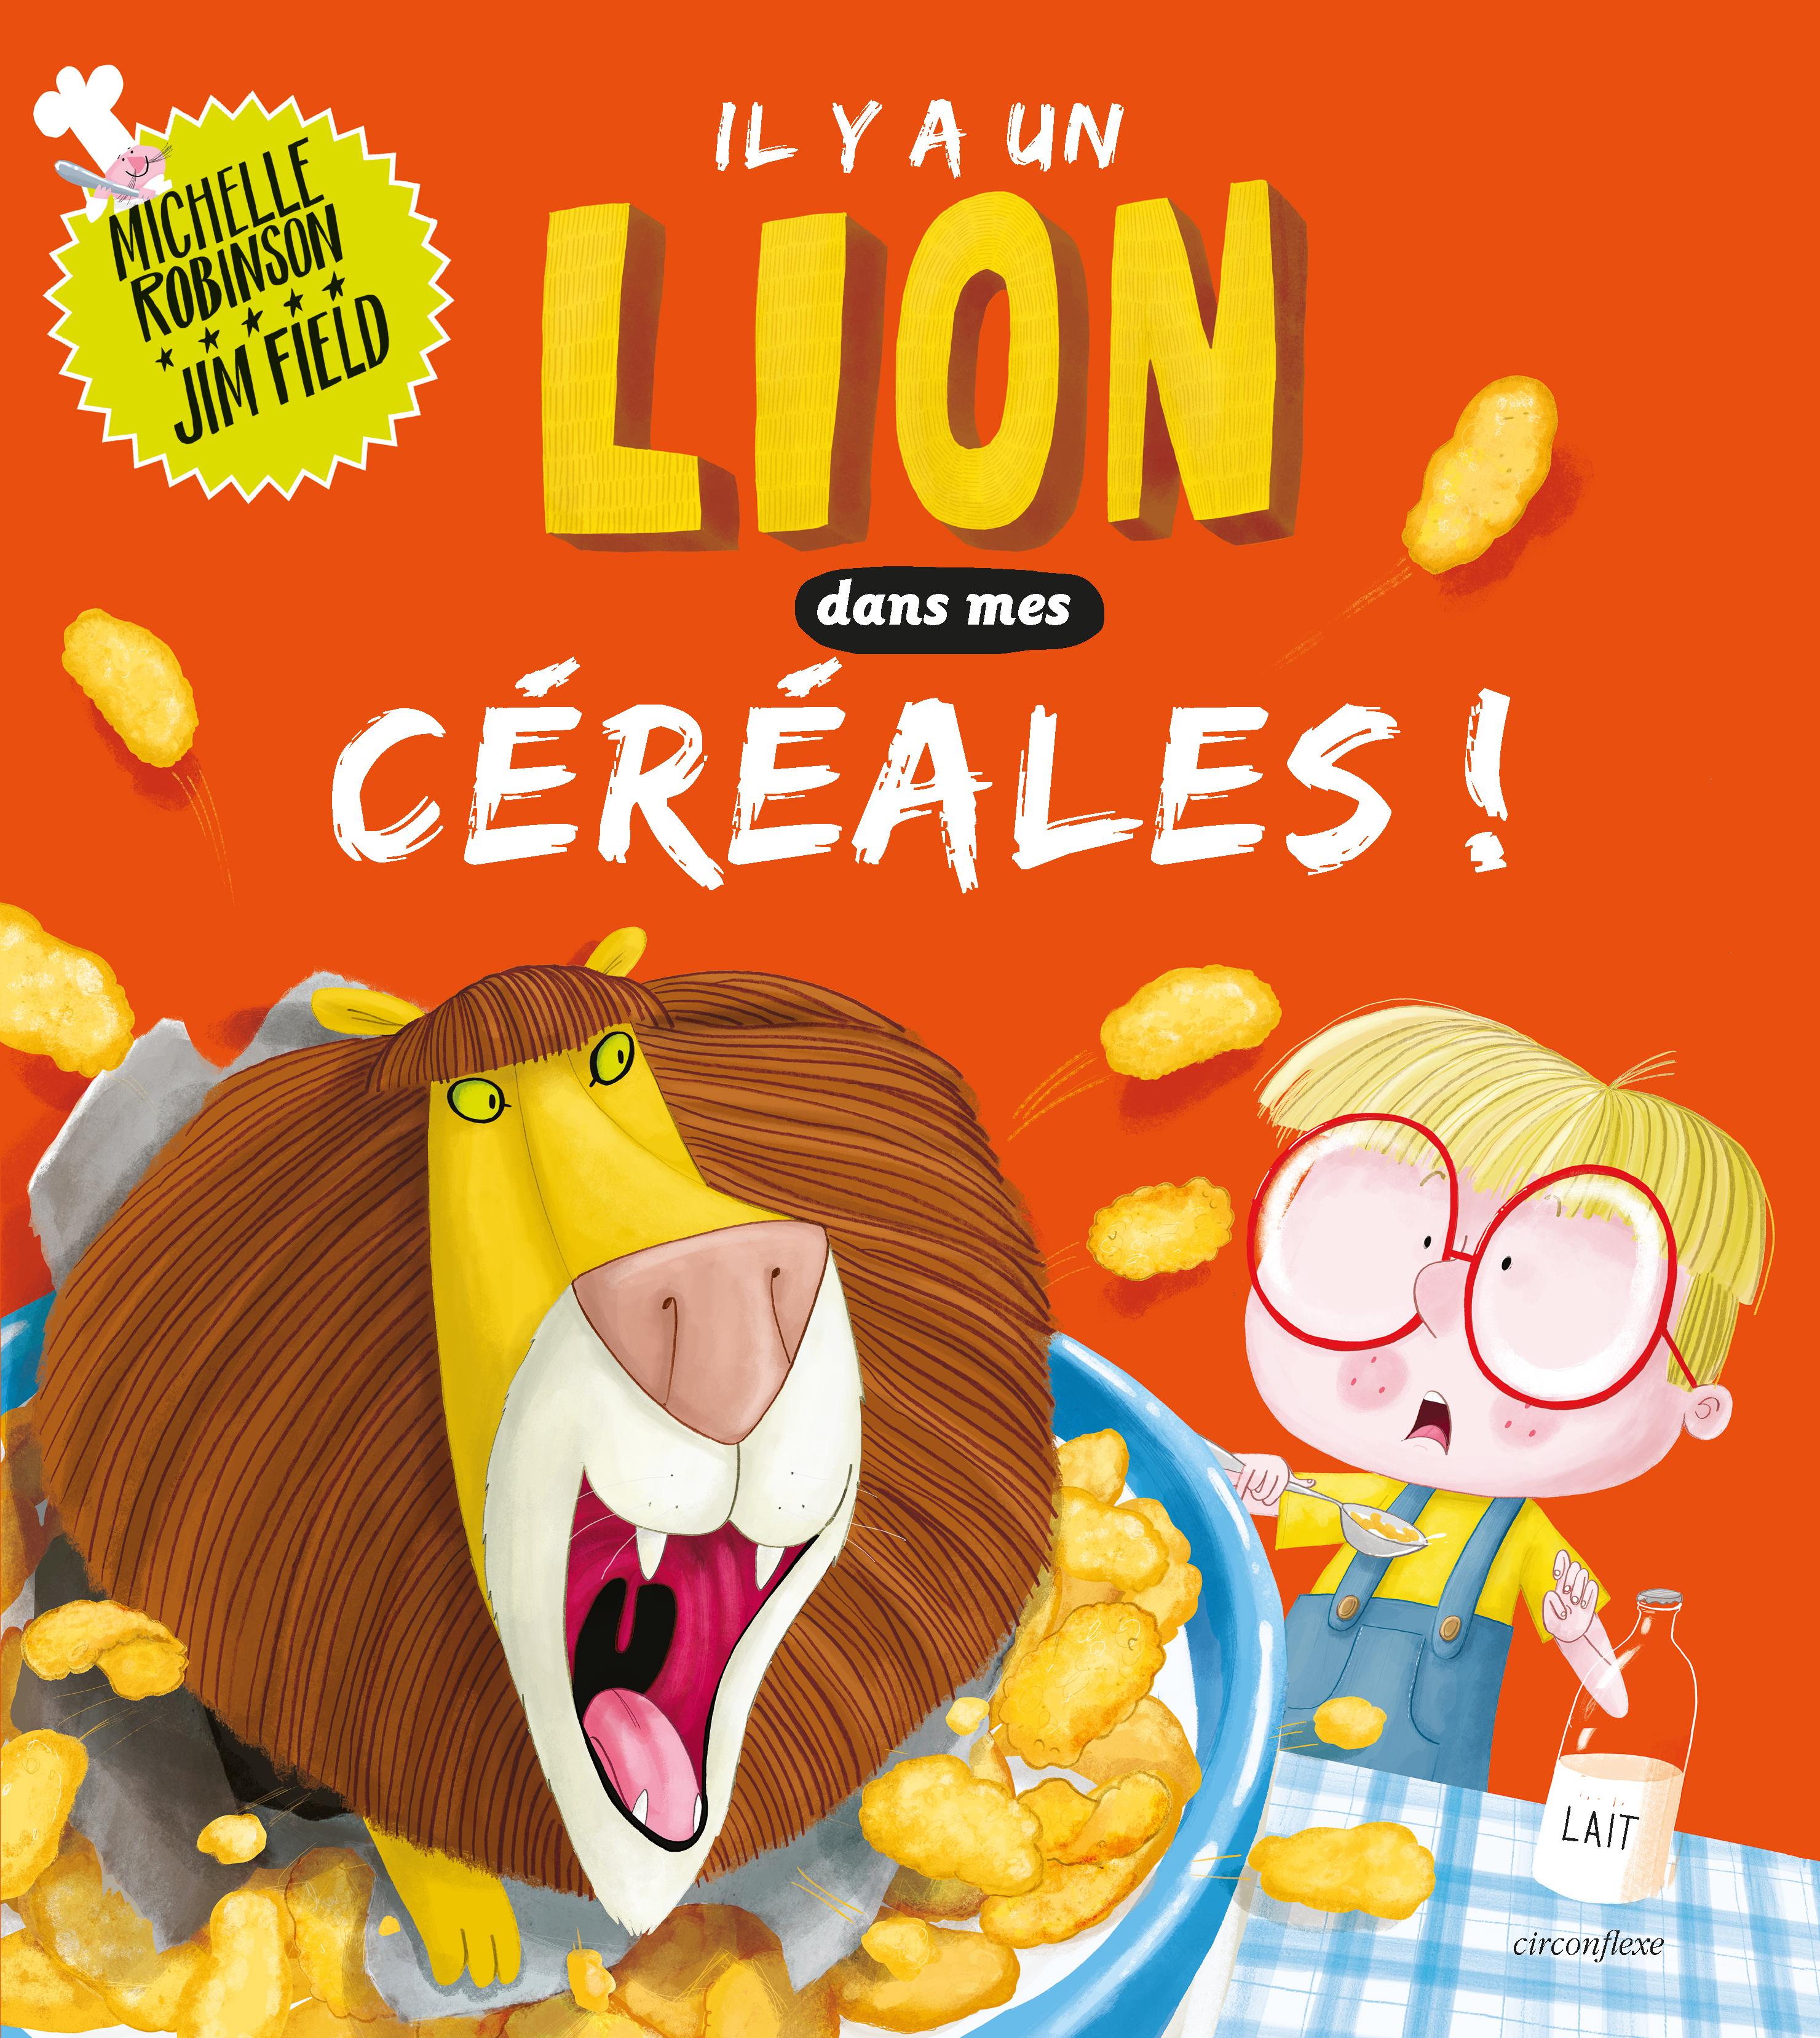 IL Y A UN LION DANS MES CEREALES !